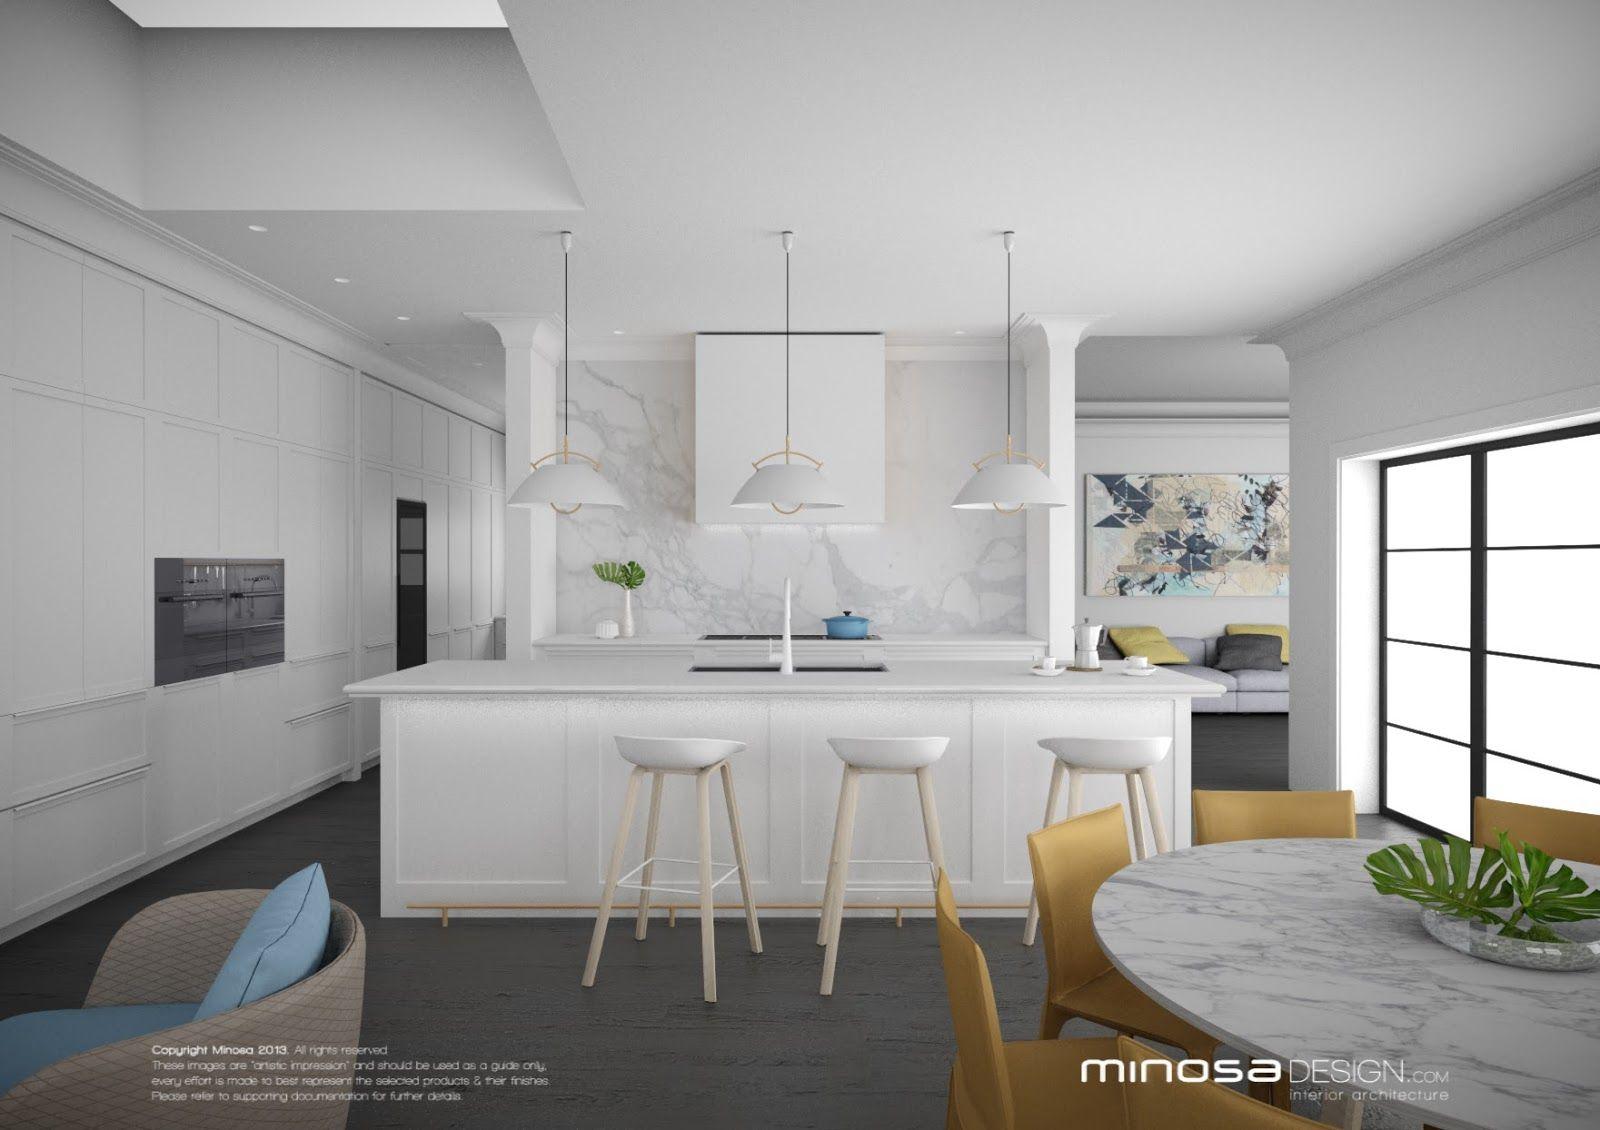 hamptons style kitchen designs   minosa-hamptons-style-kitchen ...